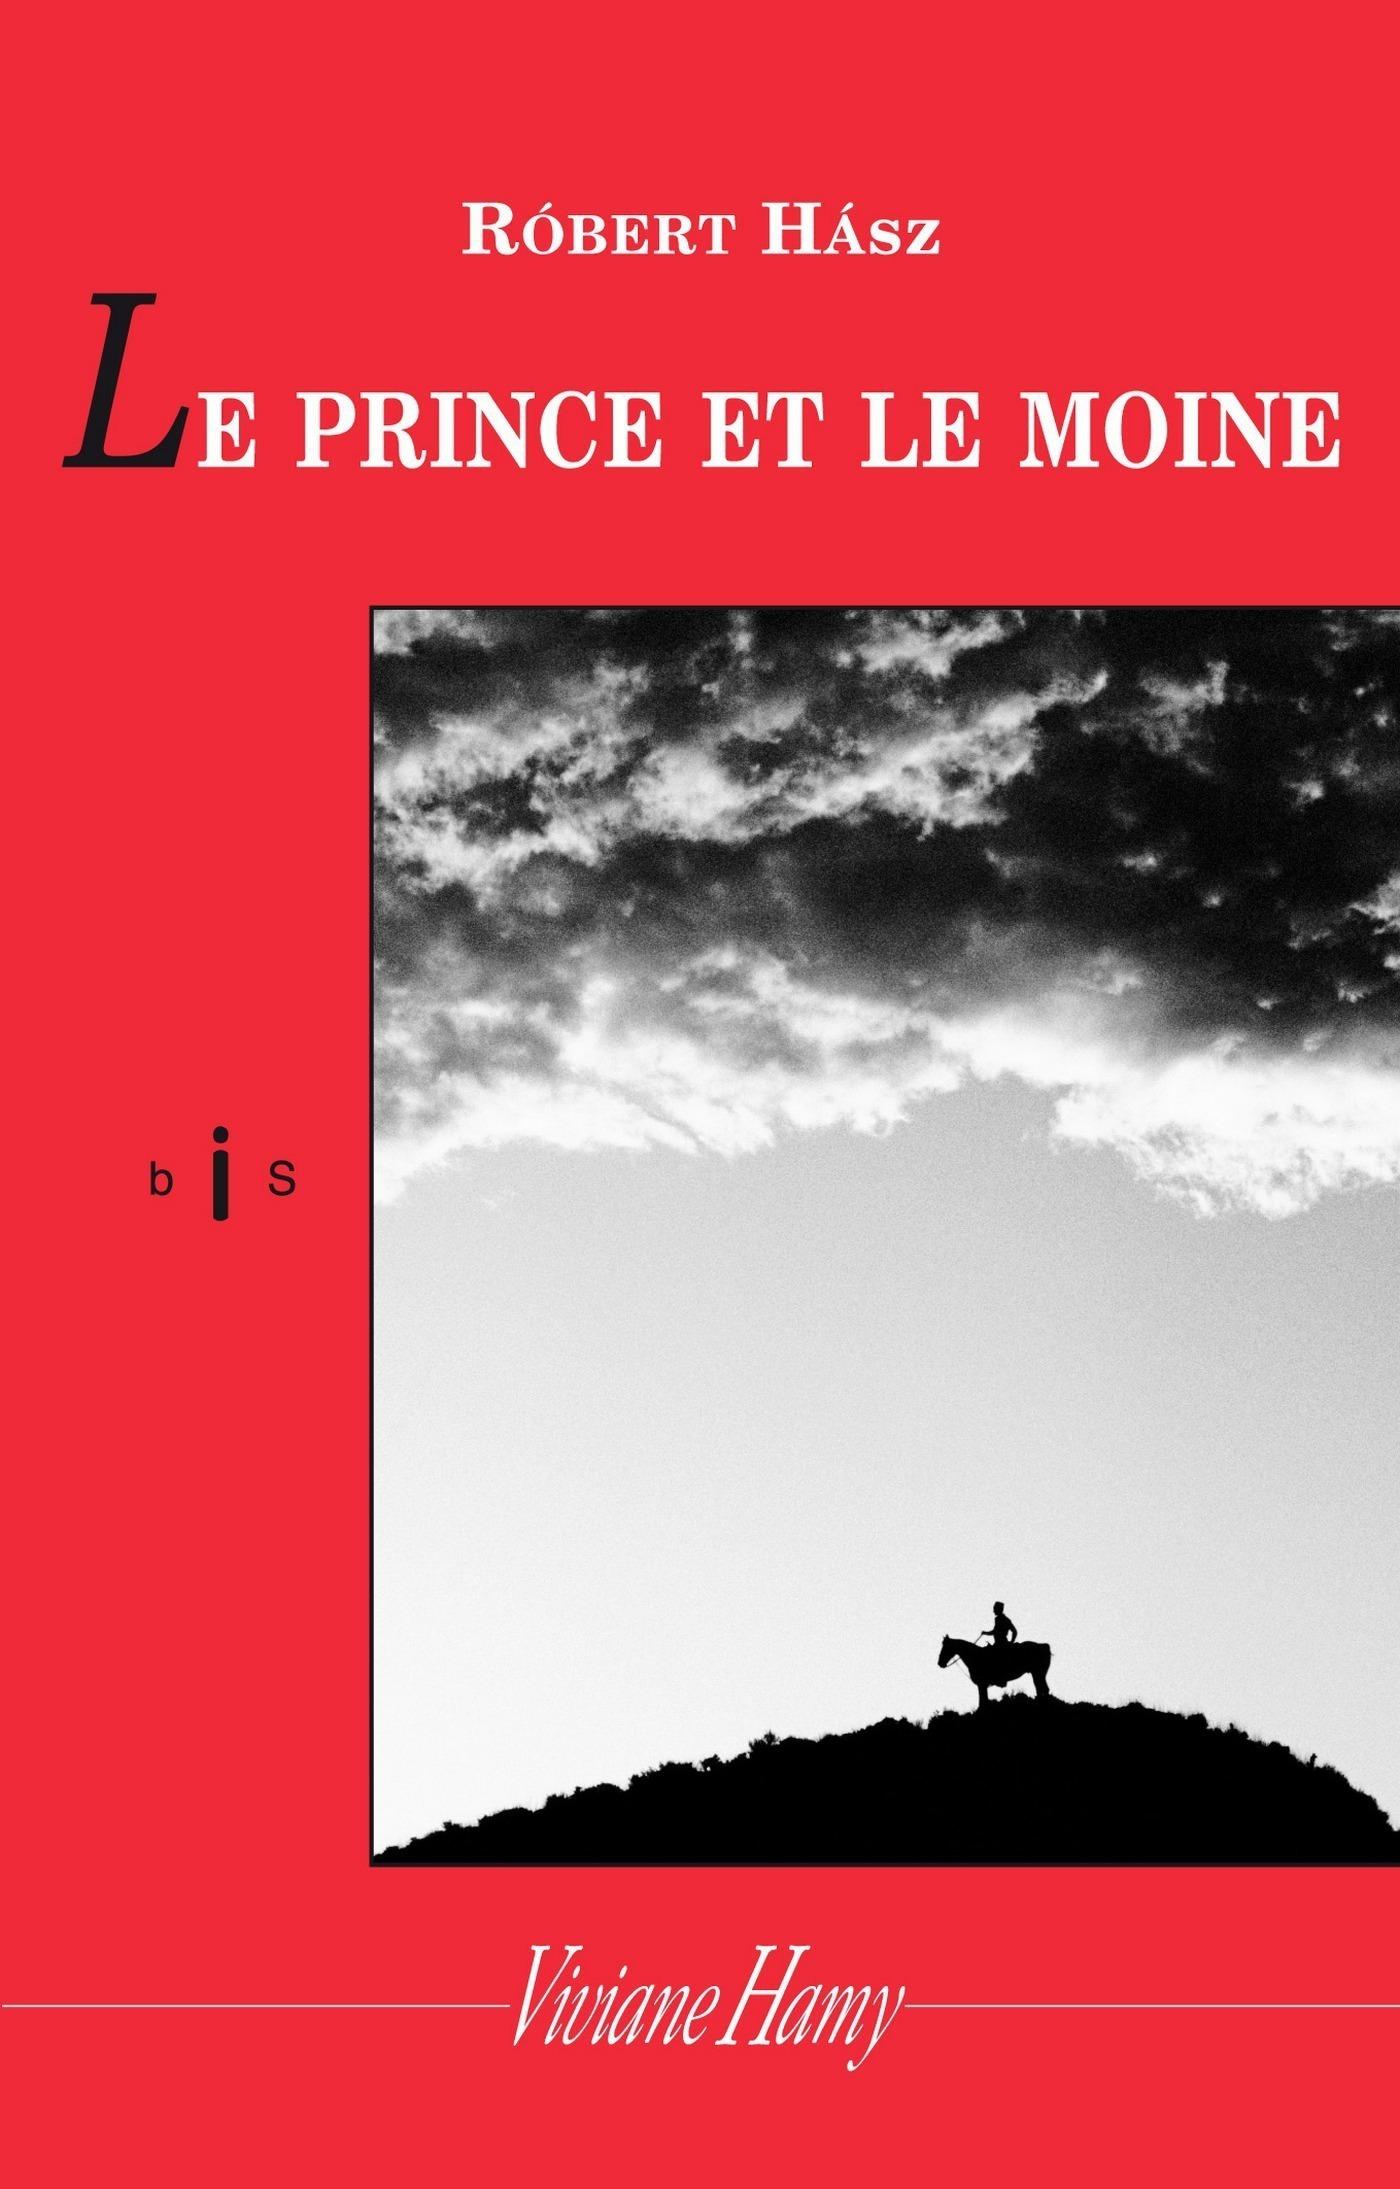 Le Prince et le moine | Hász, Róbert